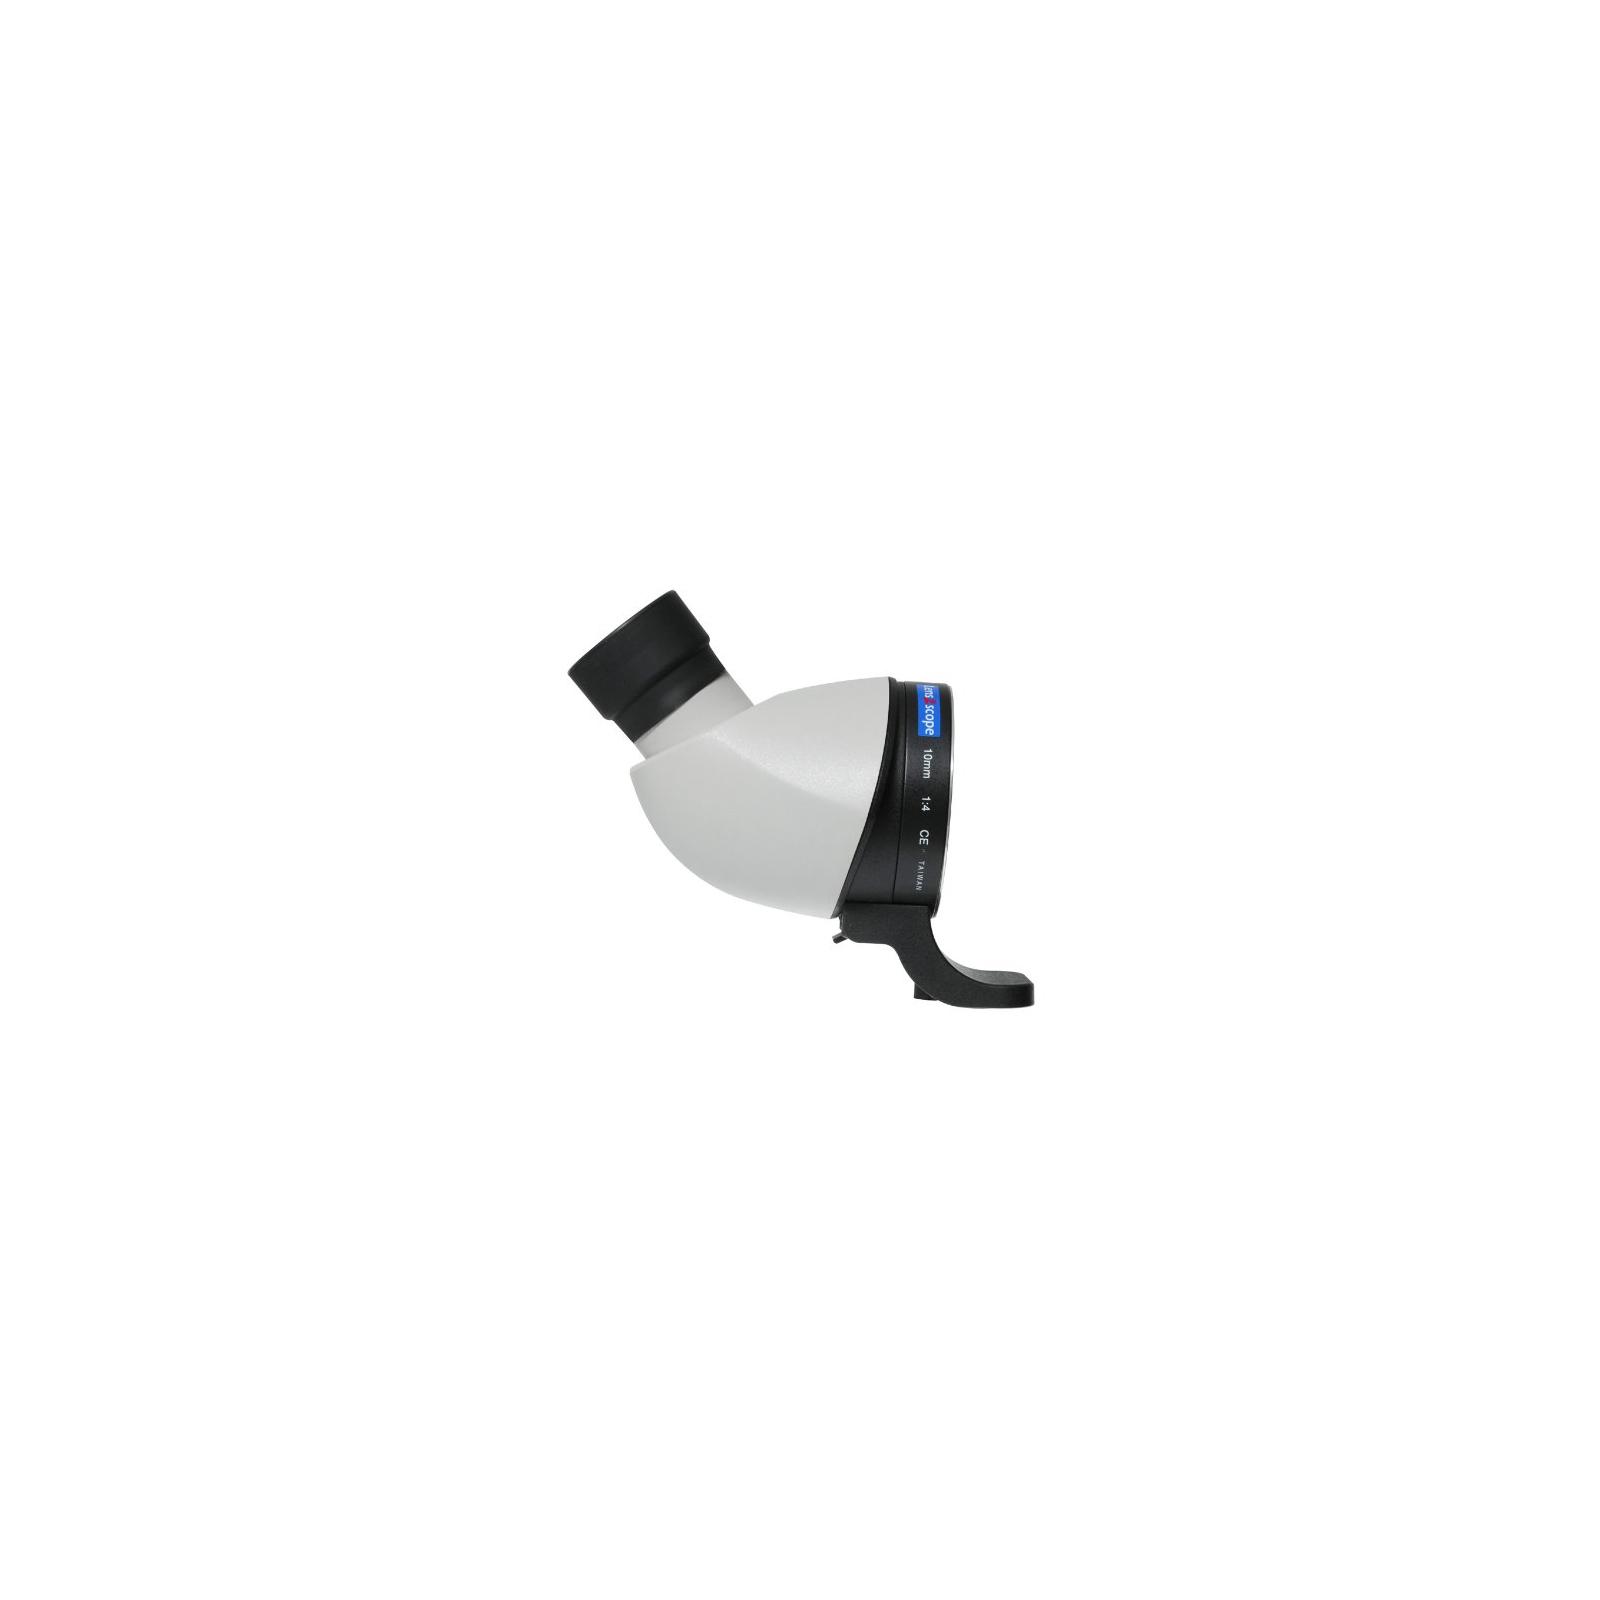 Фото-адаптер Kenko Lens2Scope for Canon EF Angle White (090127)